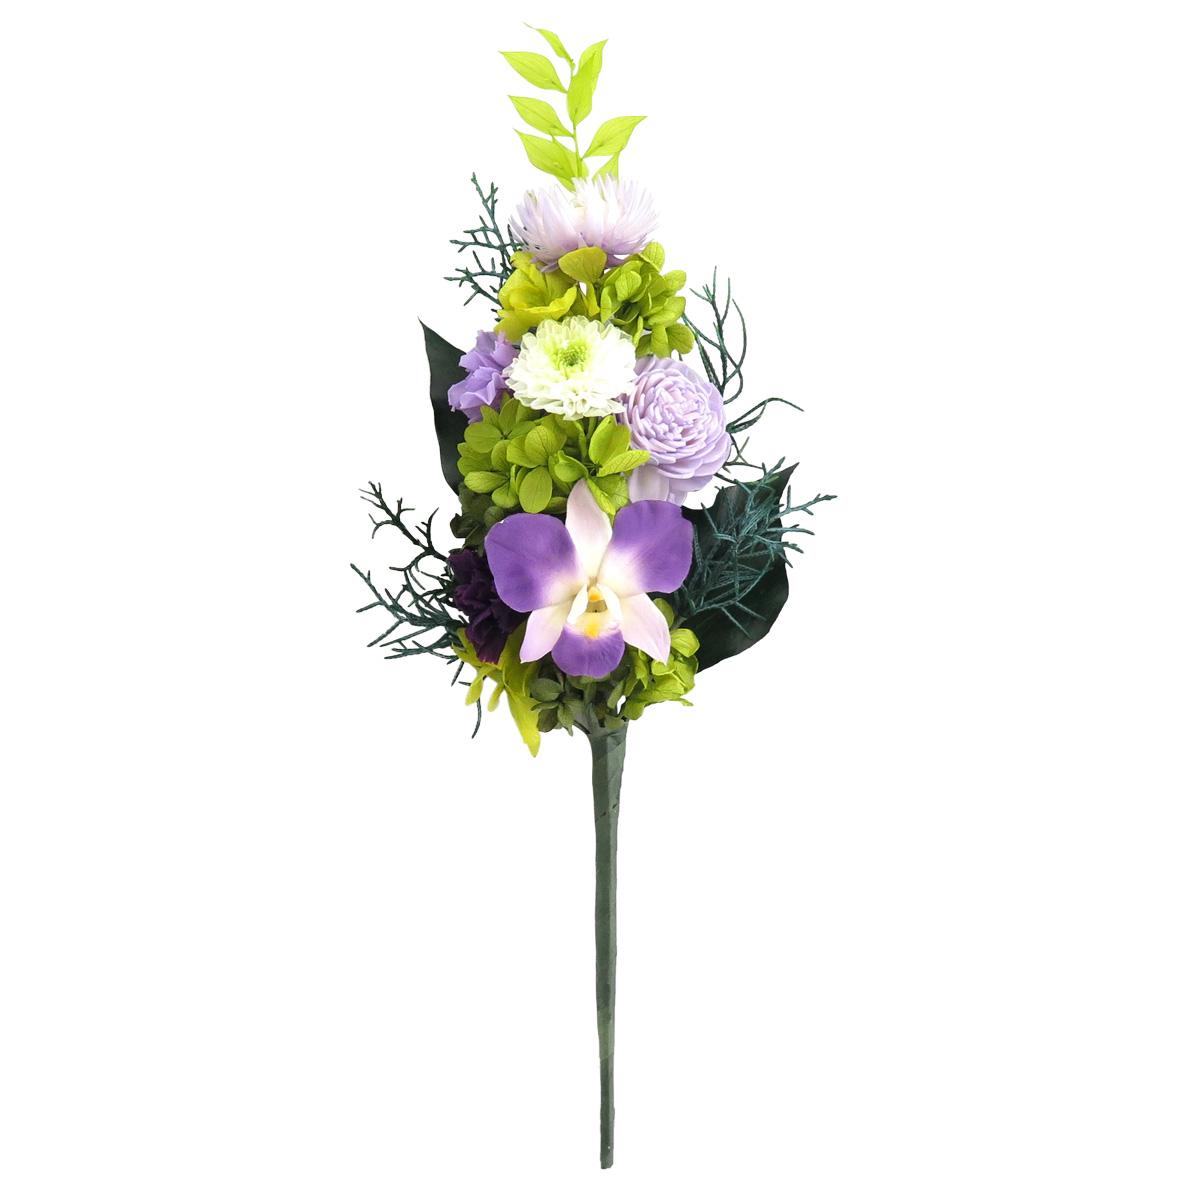 プリザーブドフラワー「蘭」 花のみ Lサイズ